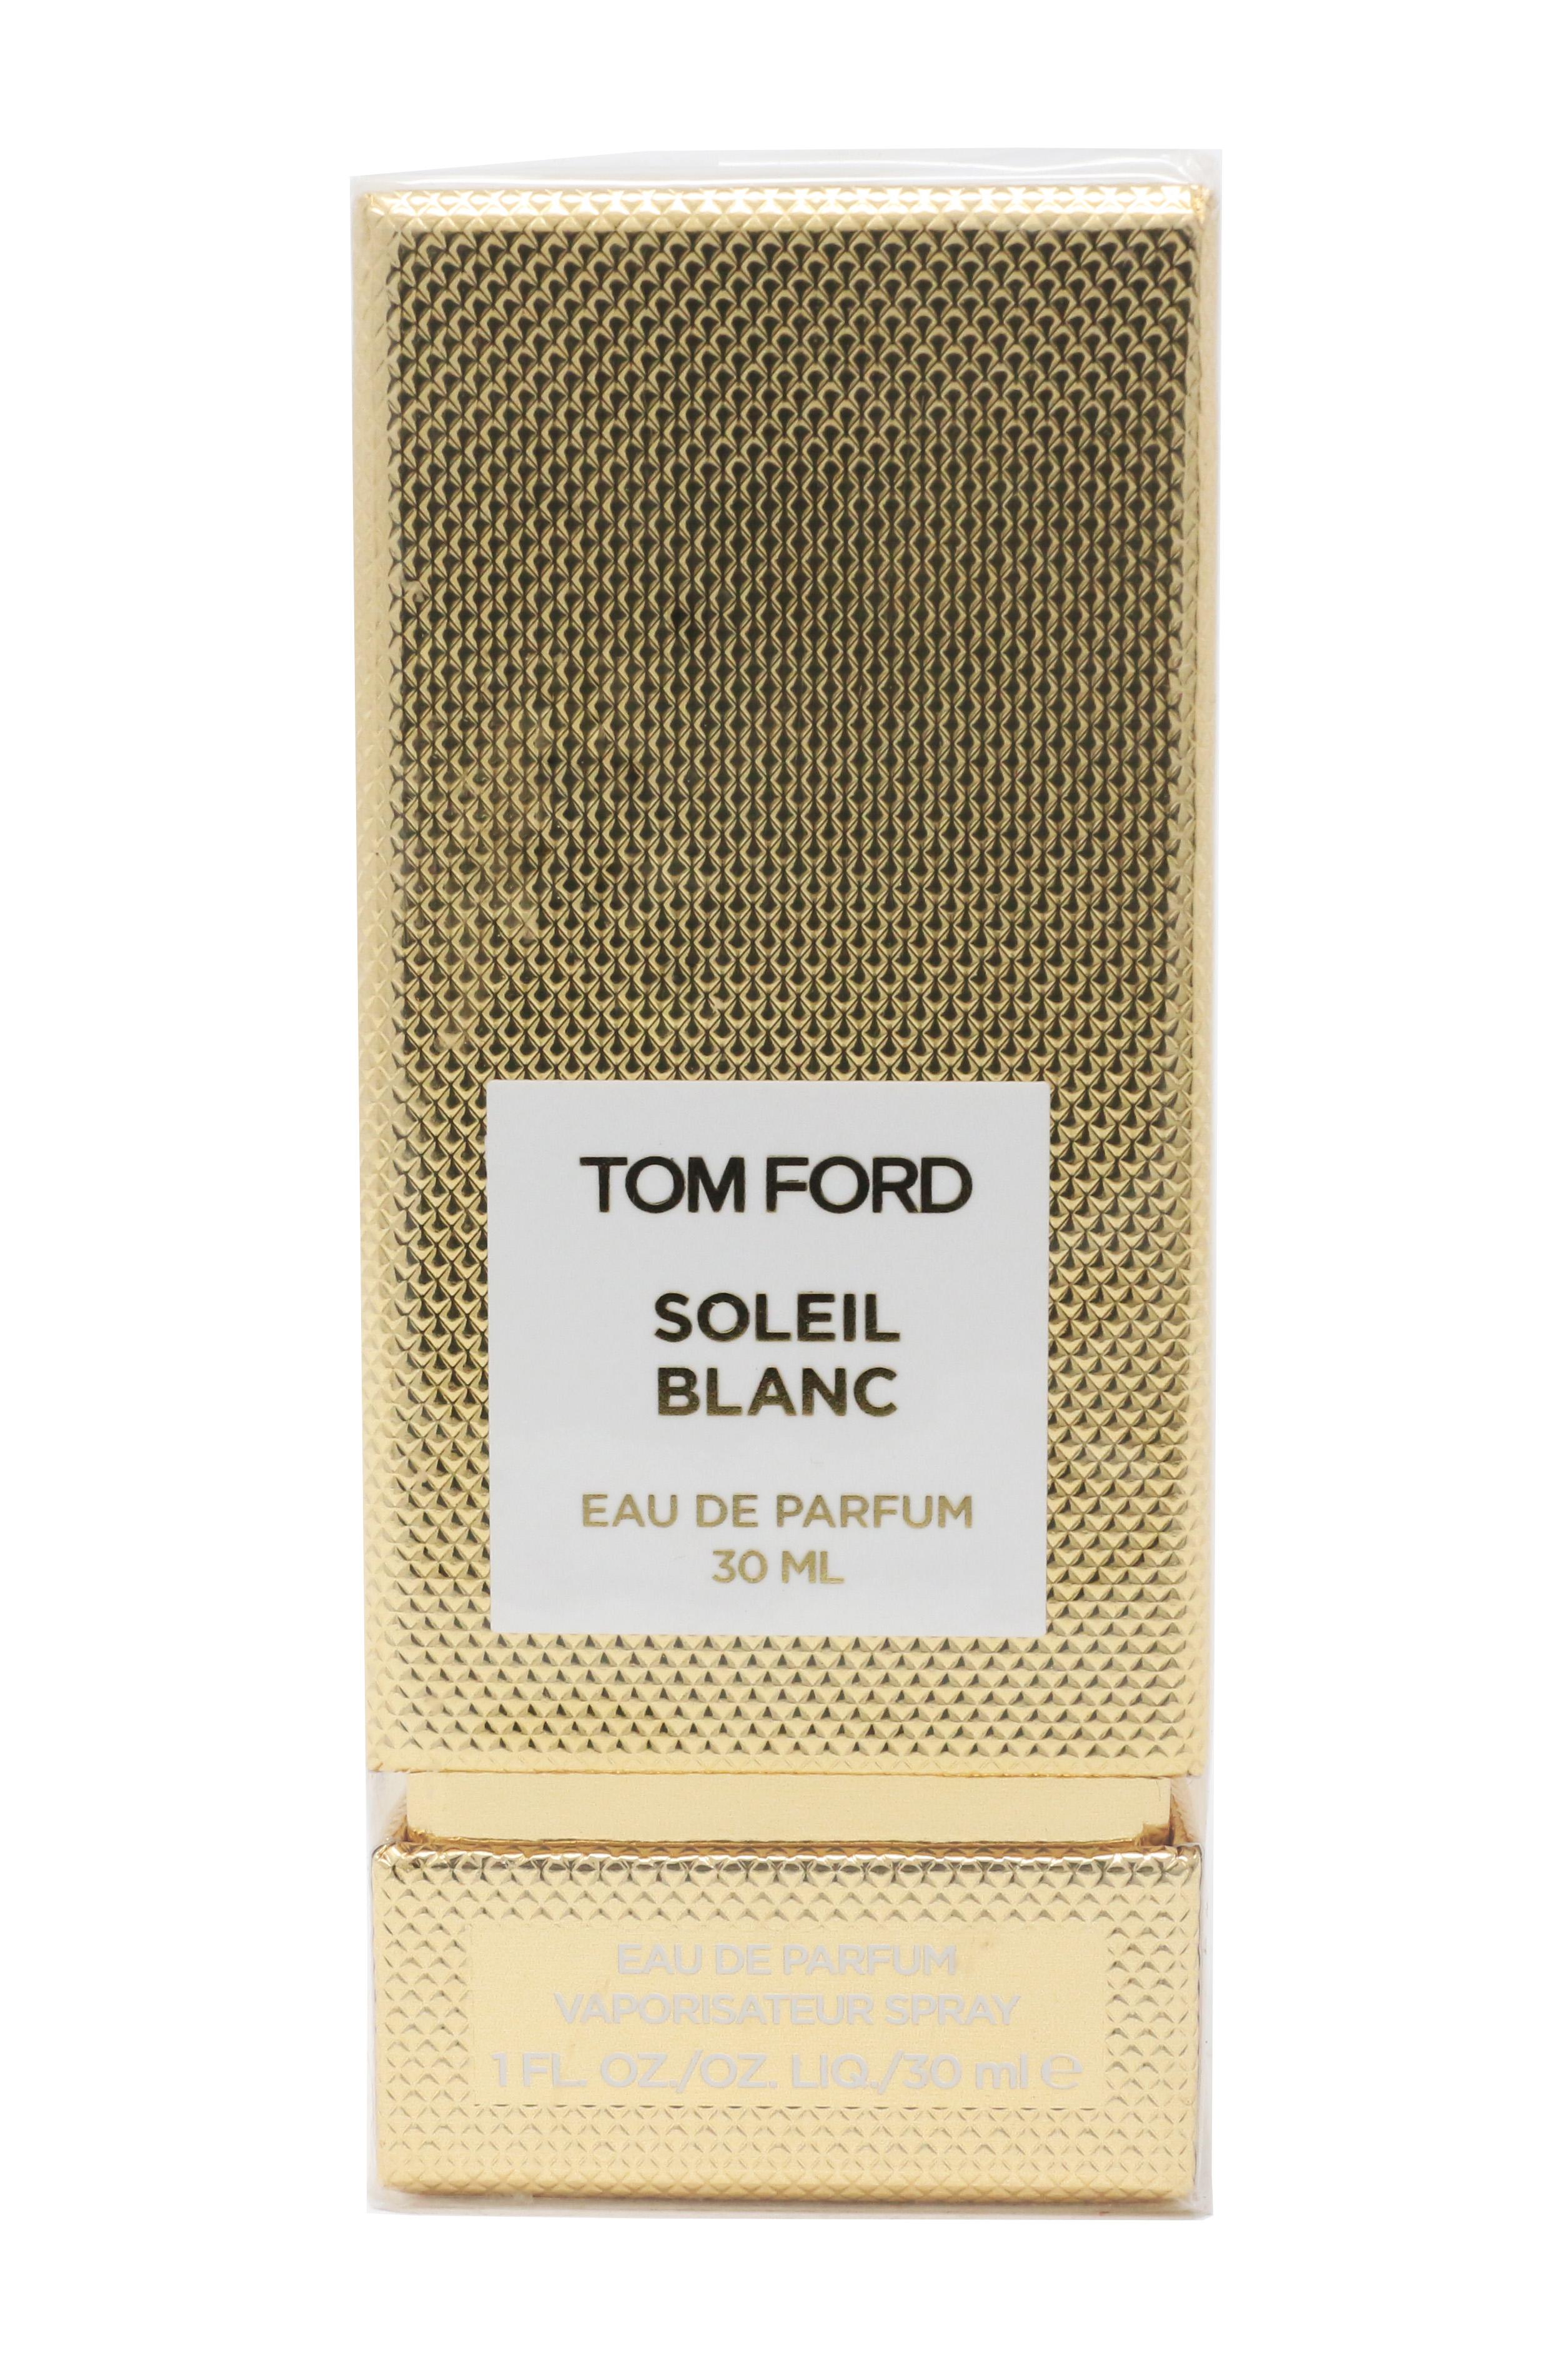 Tom Ford Soleil Blanc Eau De Parfum 1oz 30ml New In Box 888066080729 ... a252971876a5